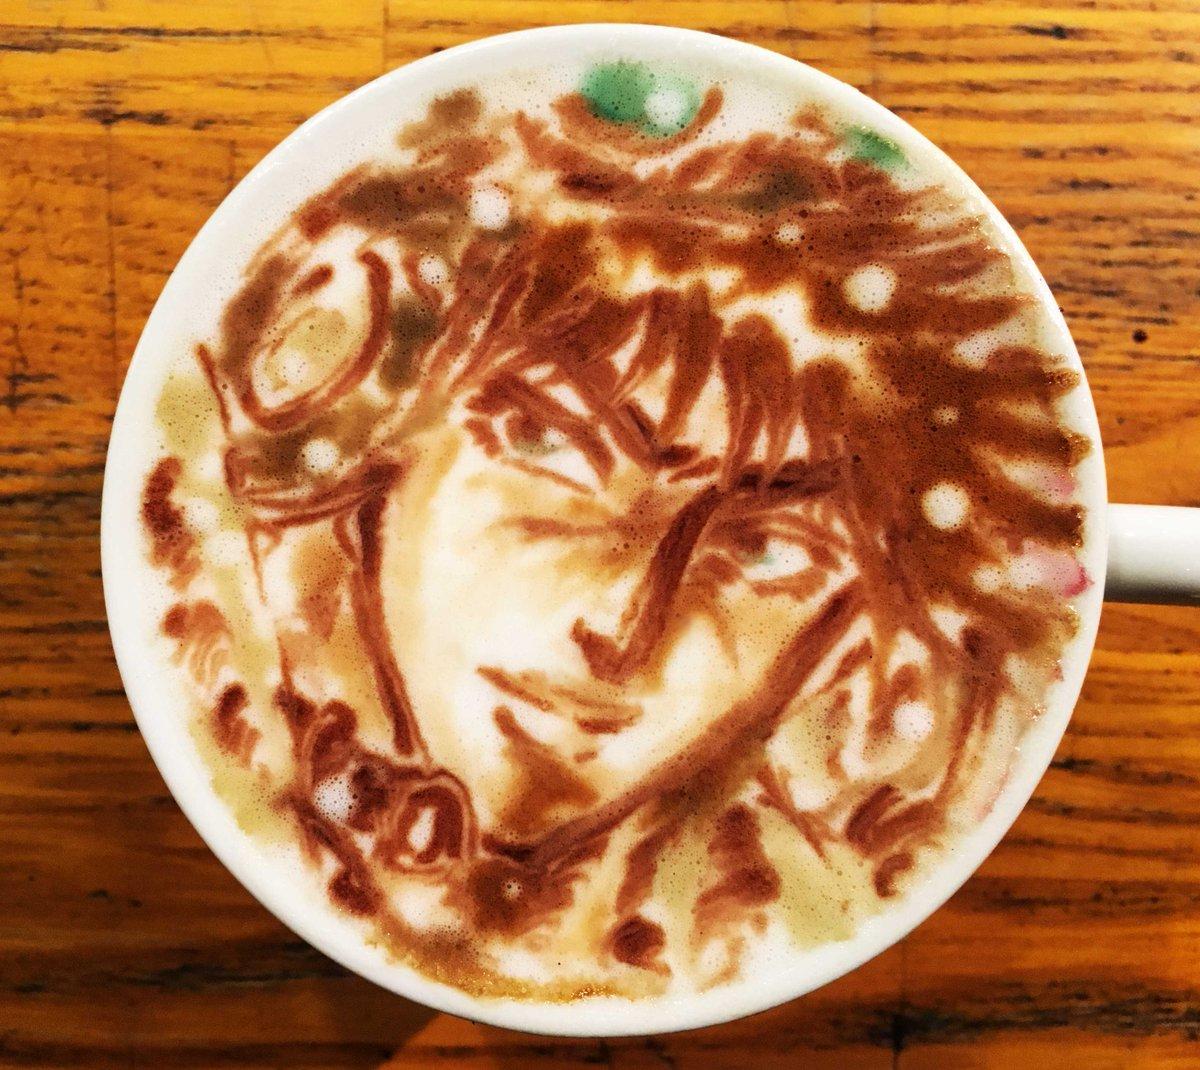 ラテアート【ジョセフ・ジョースター】@ジョジョの奇妙な冒険LatteArt【JOJO】本日お誕生日で一杯。Happy B